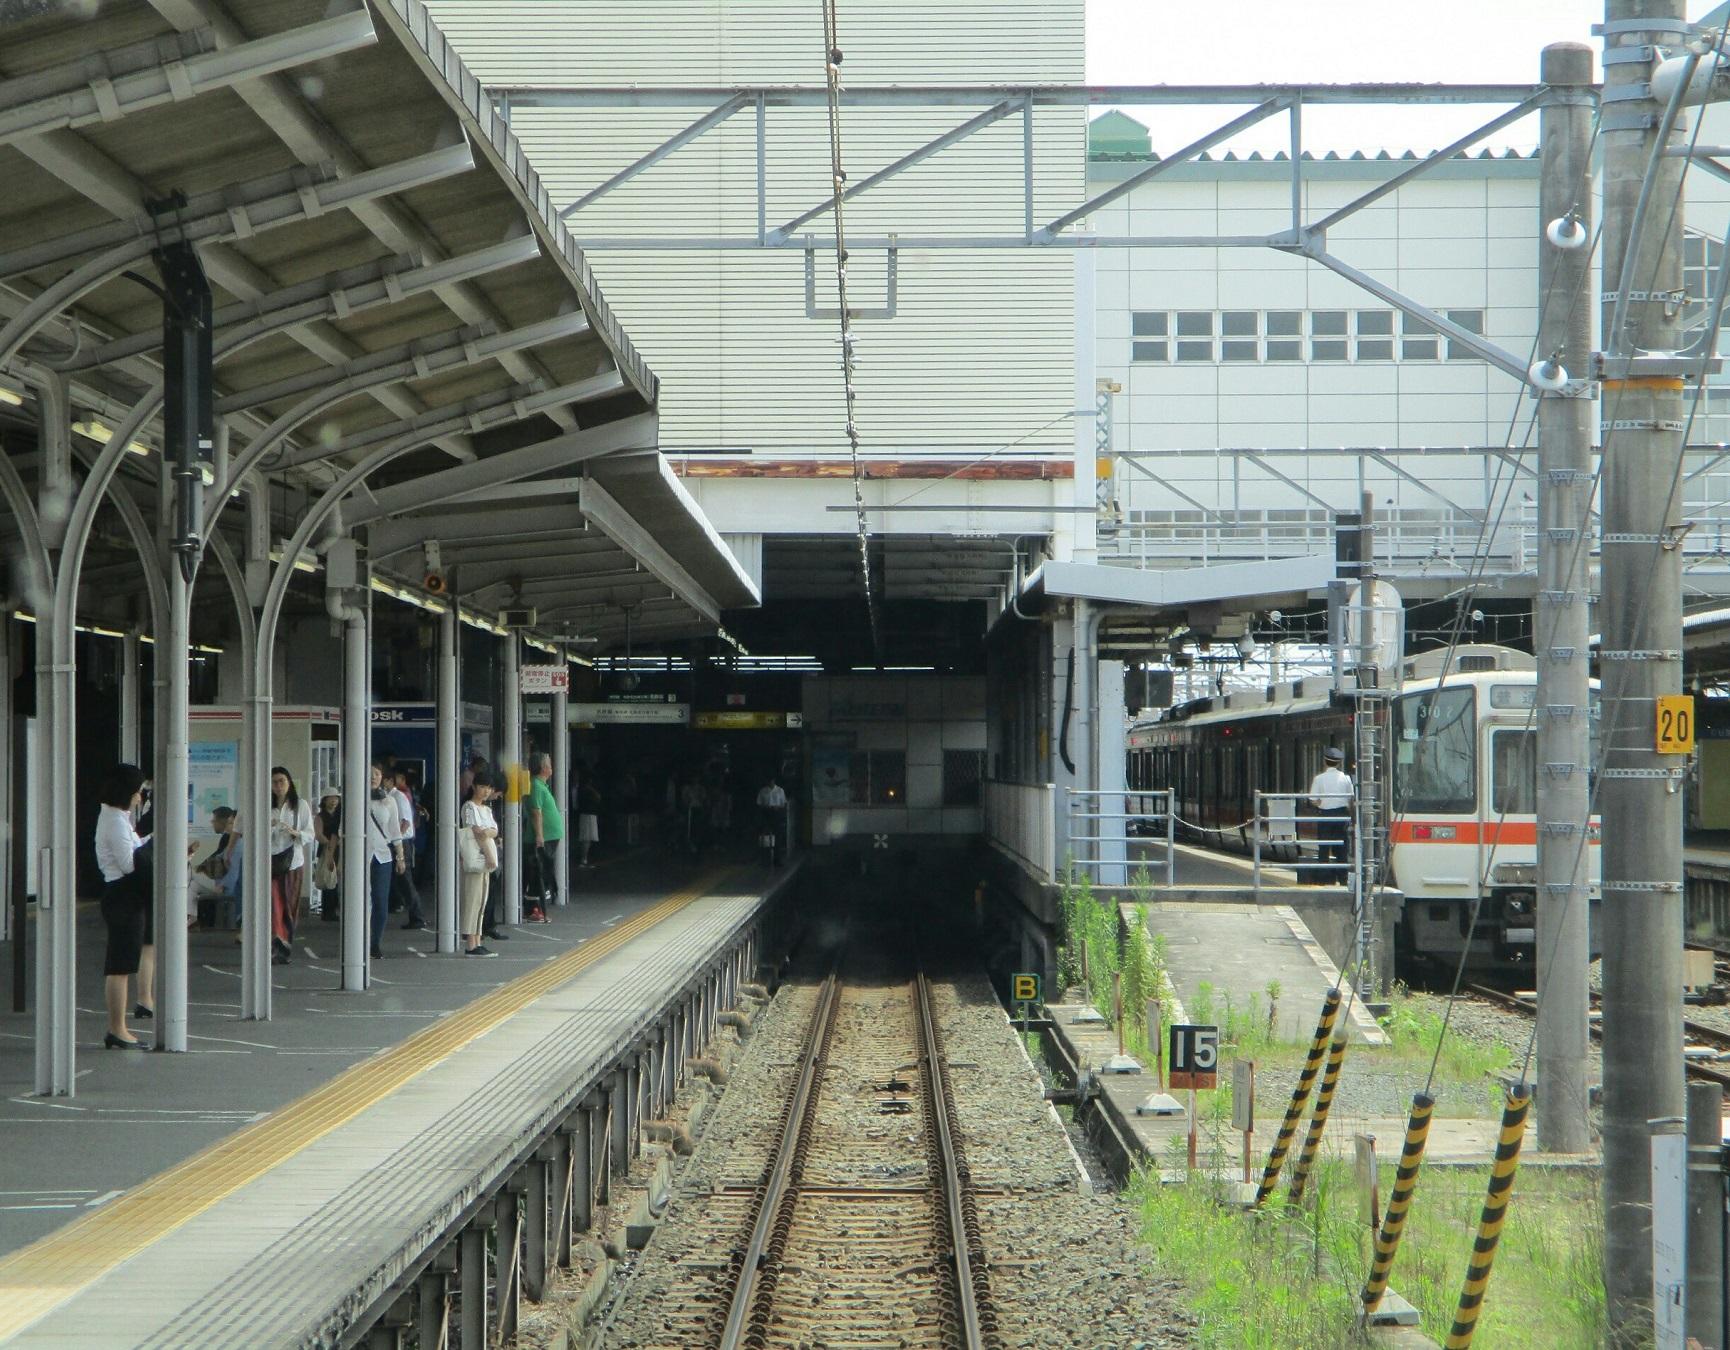 2018.6.19 (52) 豊橋いき急行 - 豊橋 1730-1350